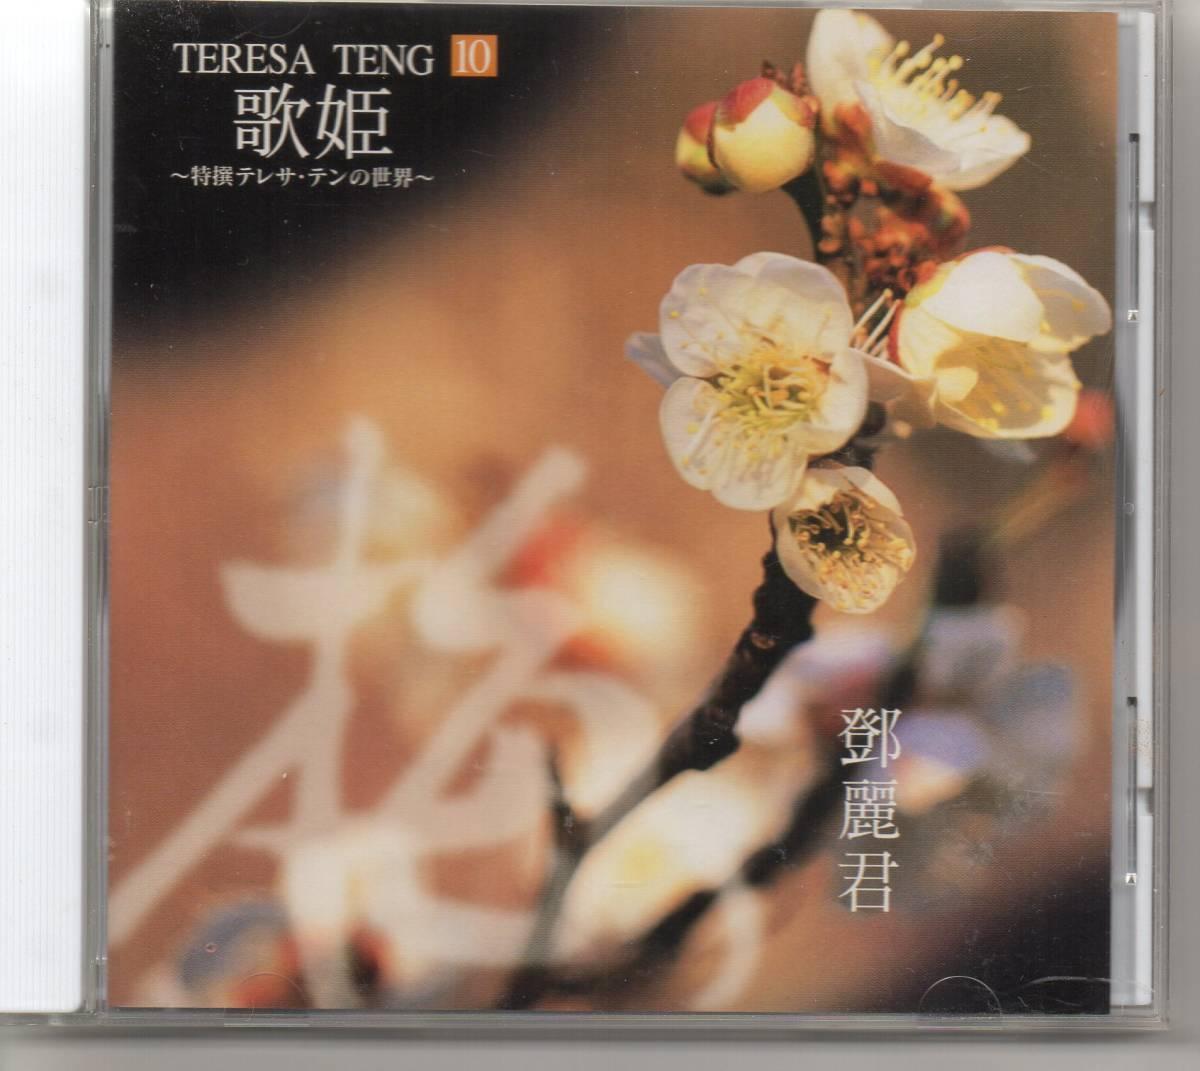 演歌CD・鄧麗君テレサ・テン~特選テレサ・テンの世界歌姫TRESA TENG⑩梅…南海姑娘~星願まで19曲全曲中国語